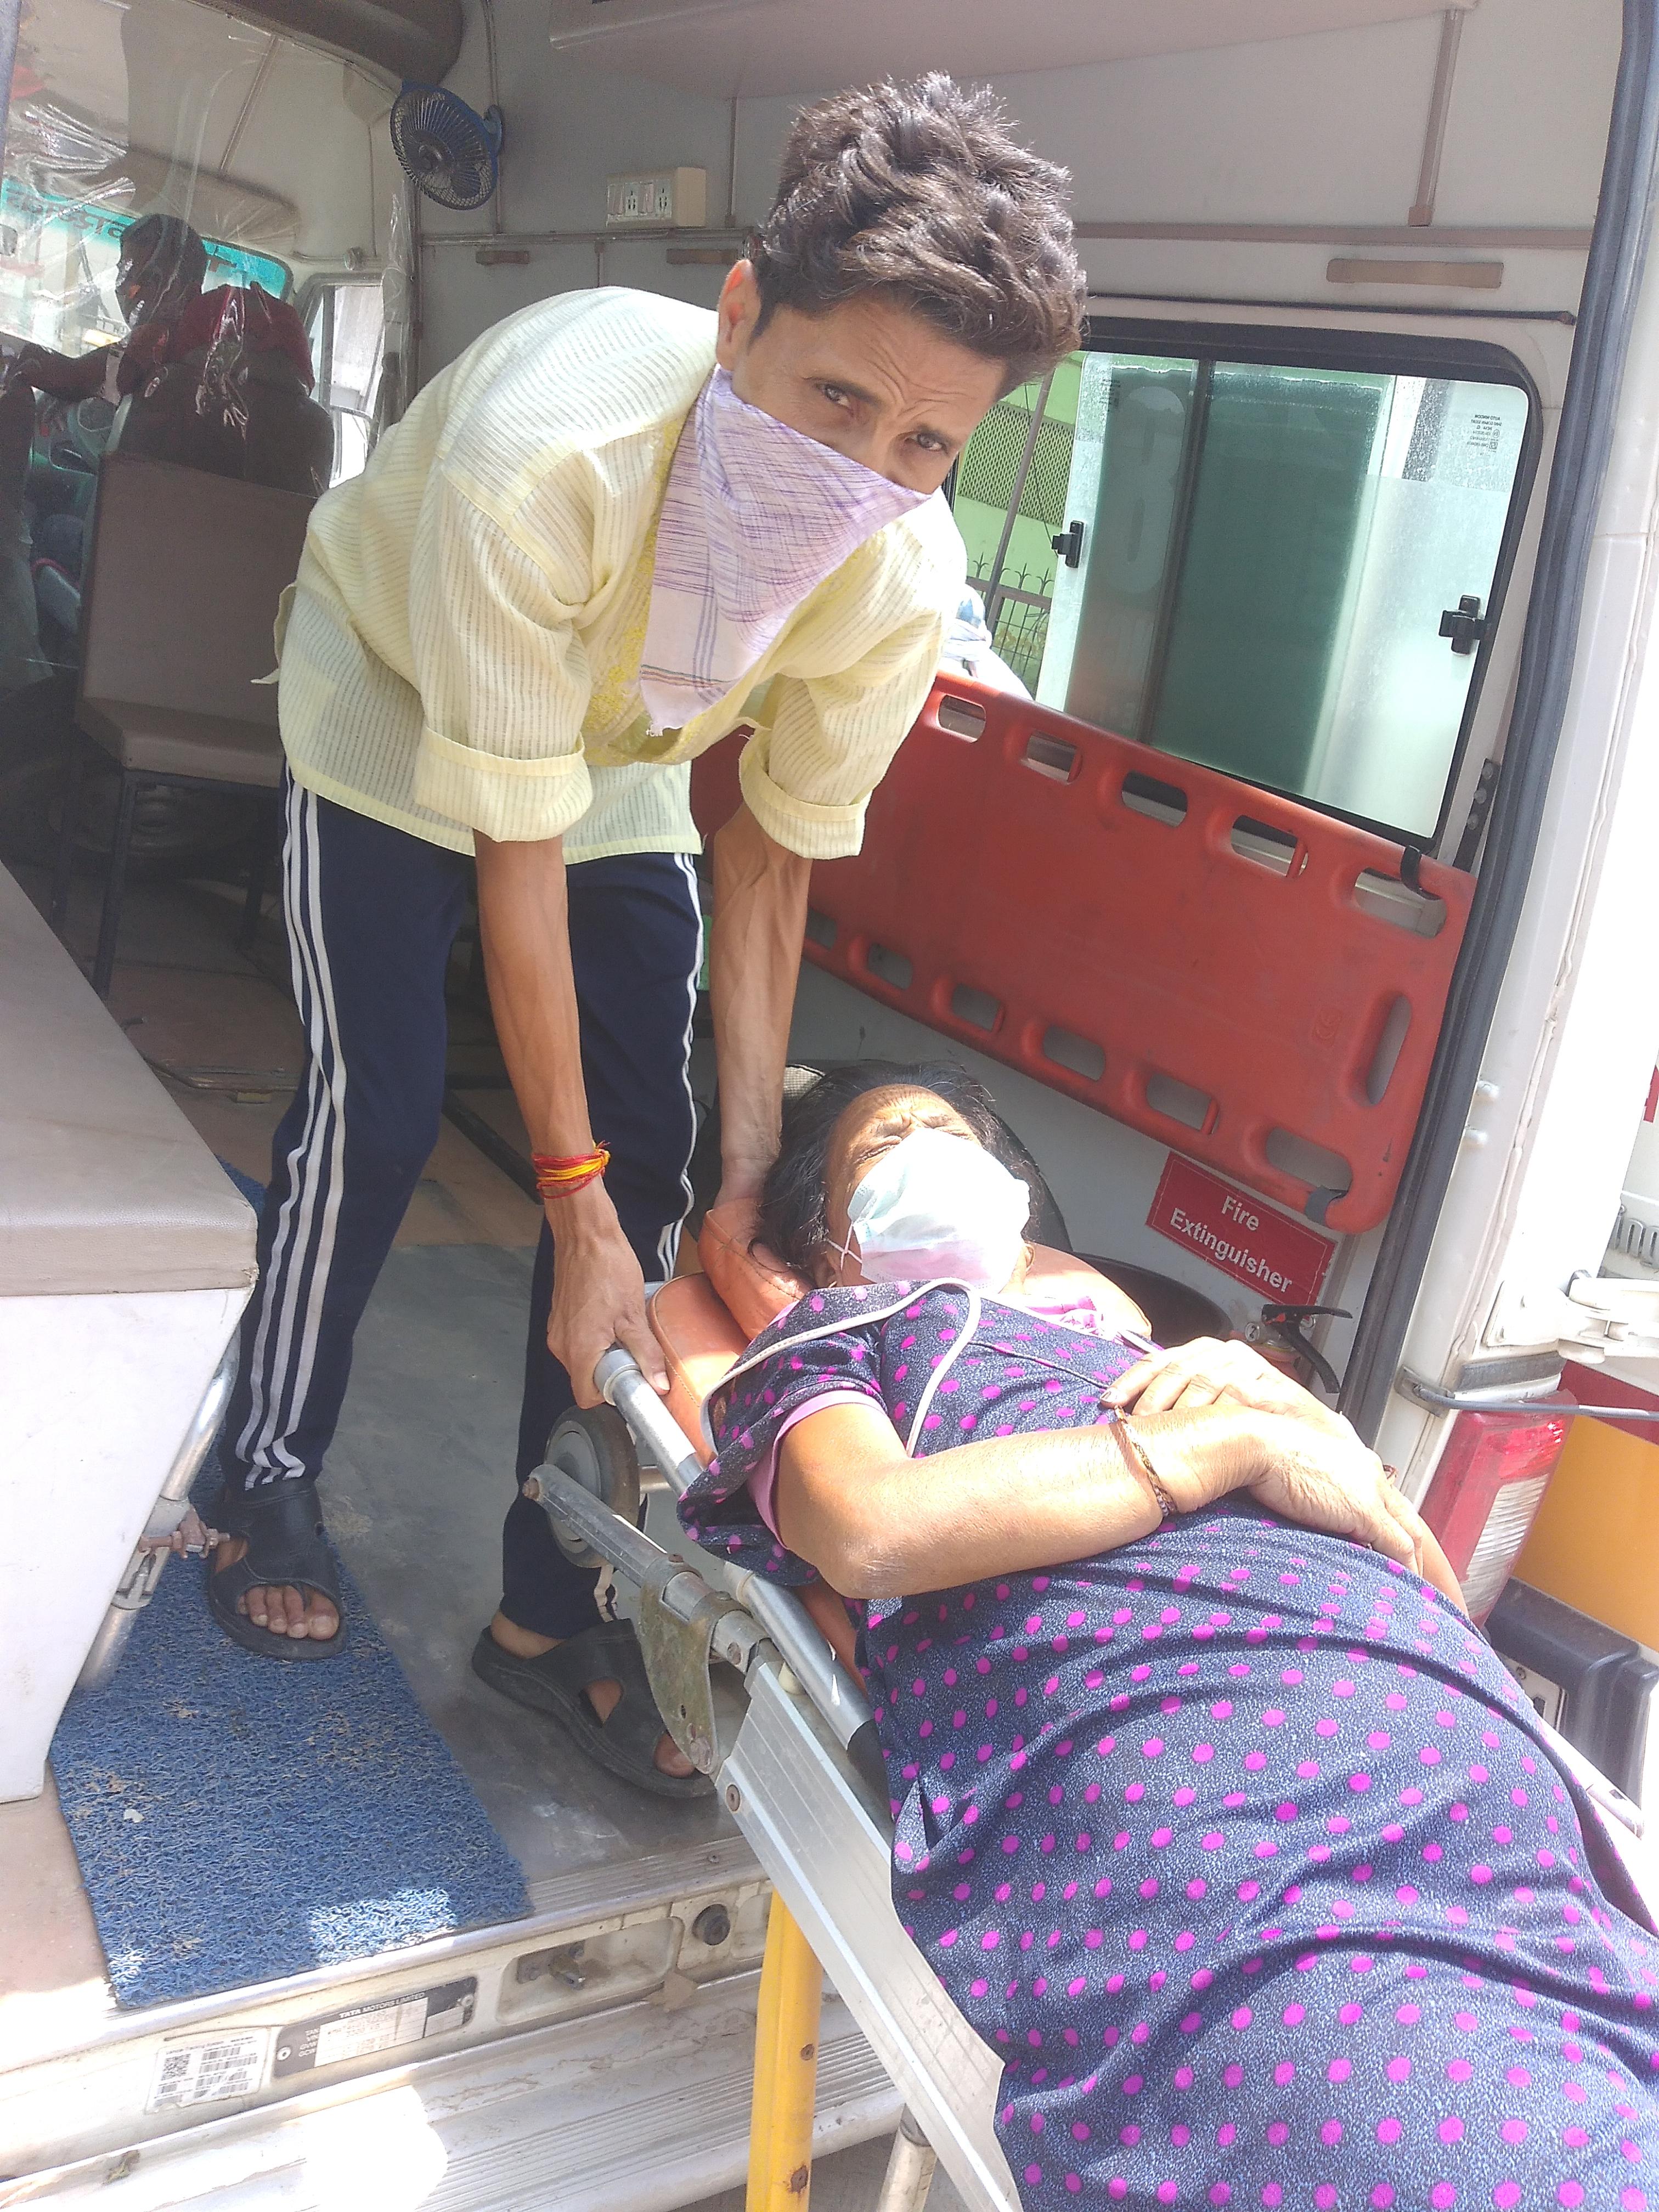 सिर्फ नाम के लिए ड्यूटी करने आते हैं मजिस्ट्रेट साहब, बेबस तीमारदार को बड़े जिलों के सरकारी अस्पतालों का रूख करने को हैं मजबूर कानपुर,Kanpur - Dainik Bhaskar